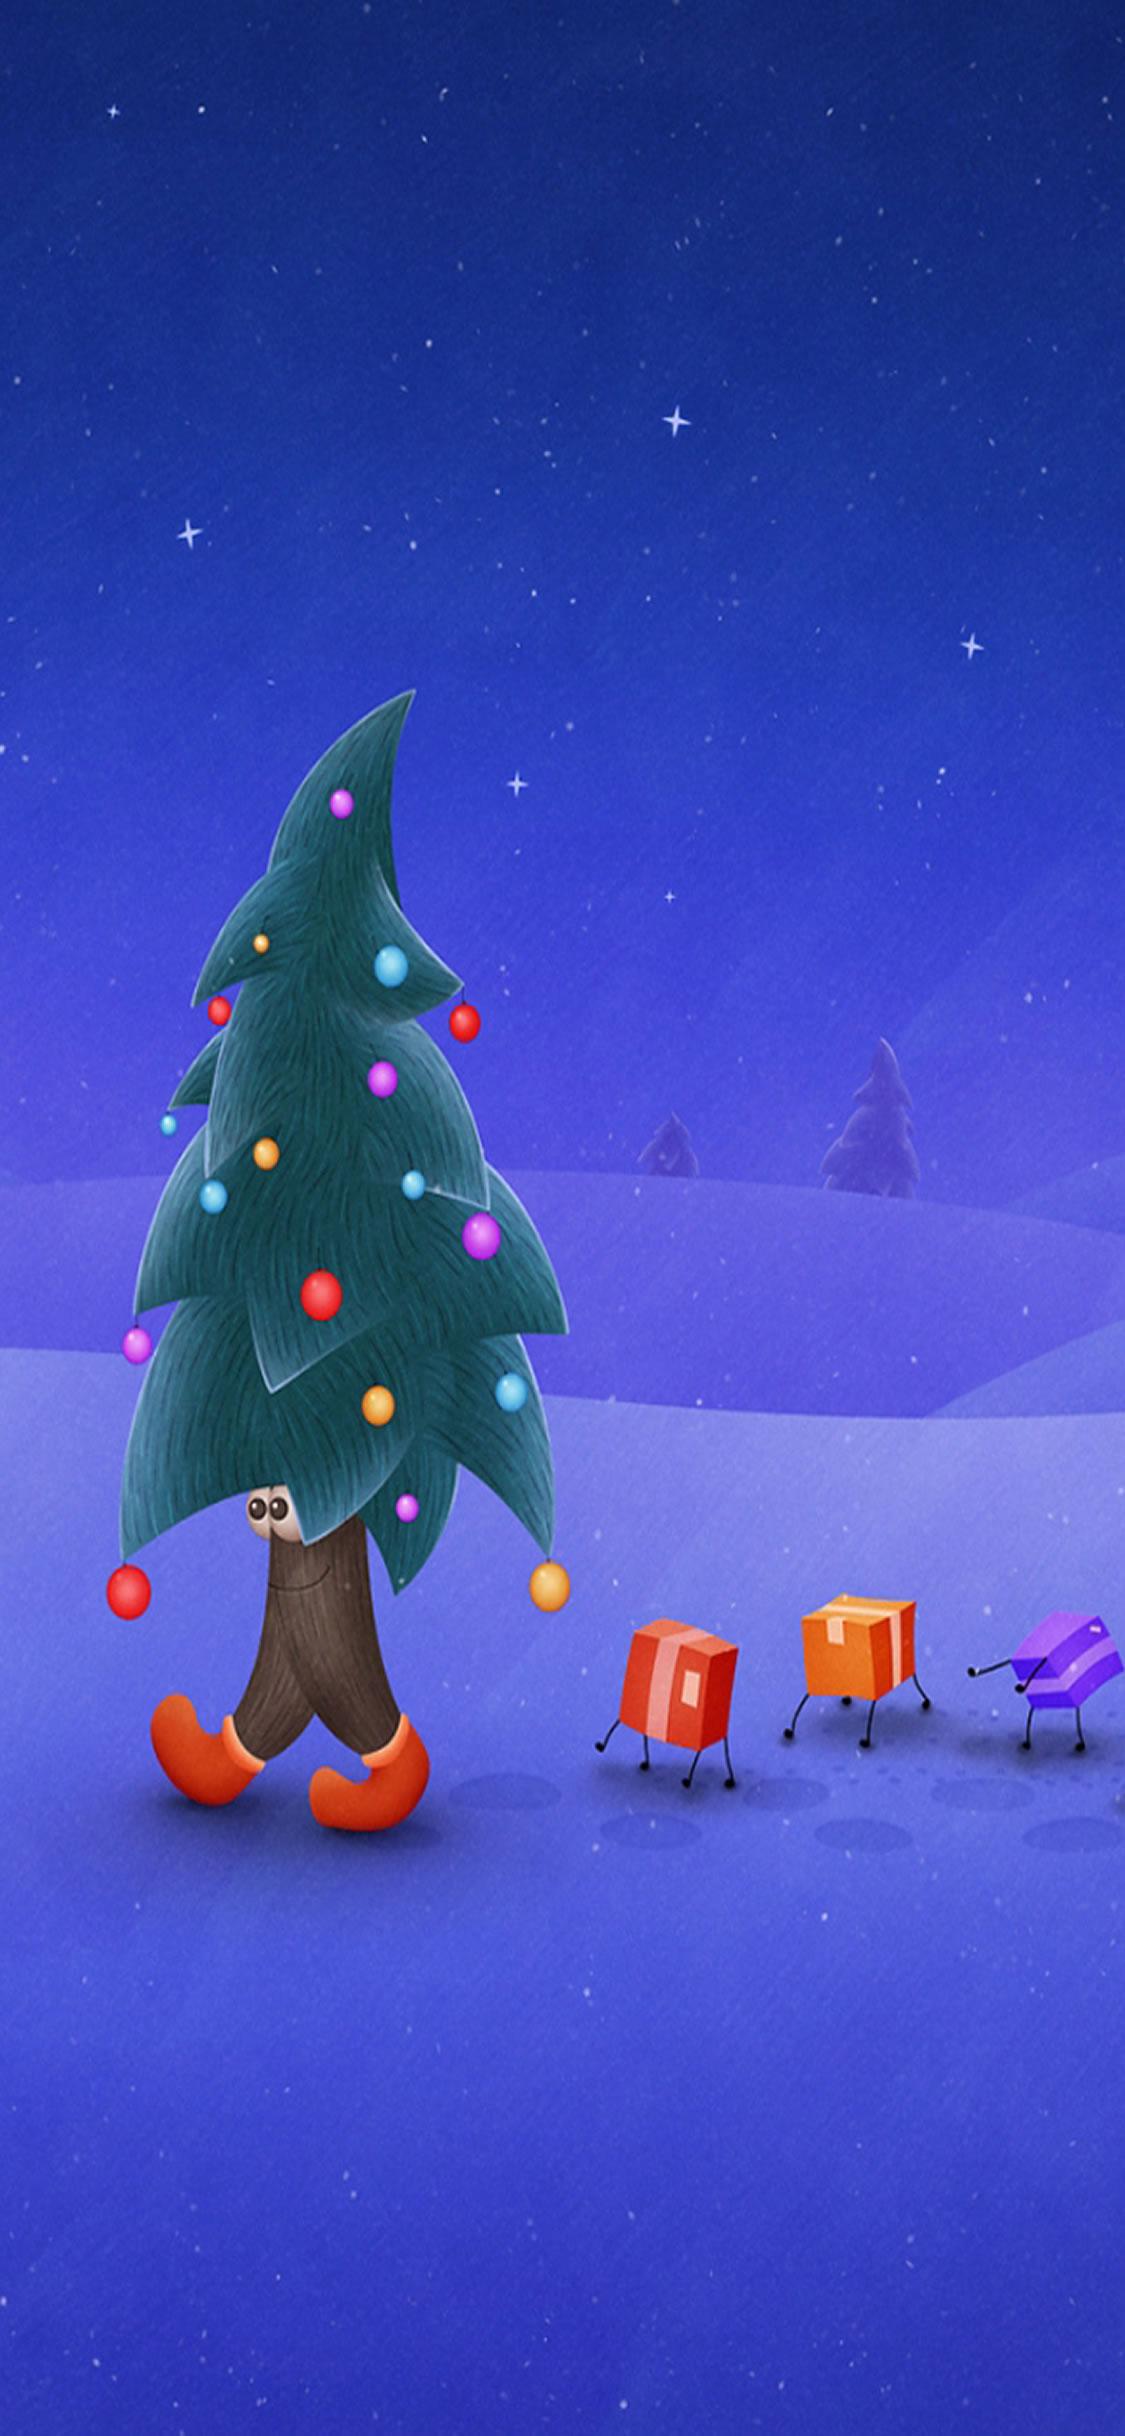 ウォーキングクリスマスツリーiphone Xの壁紙 Iphoneチーズ